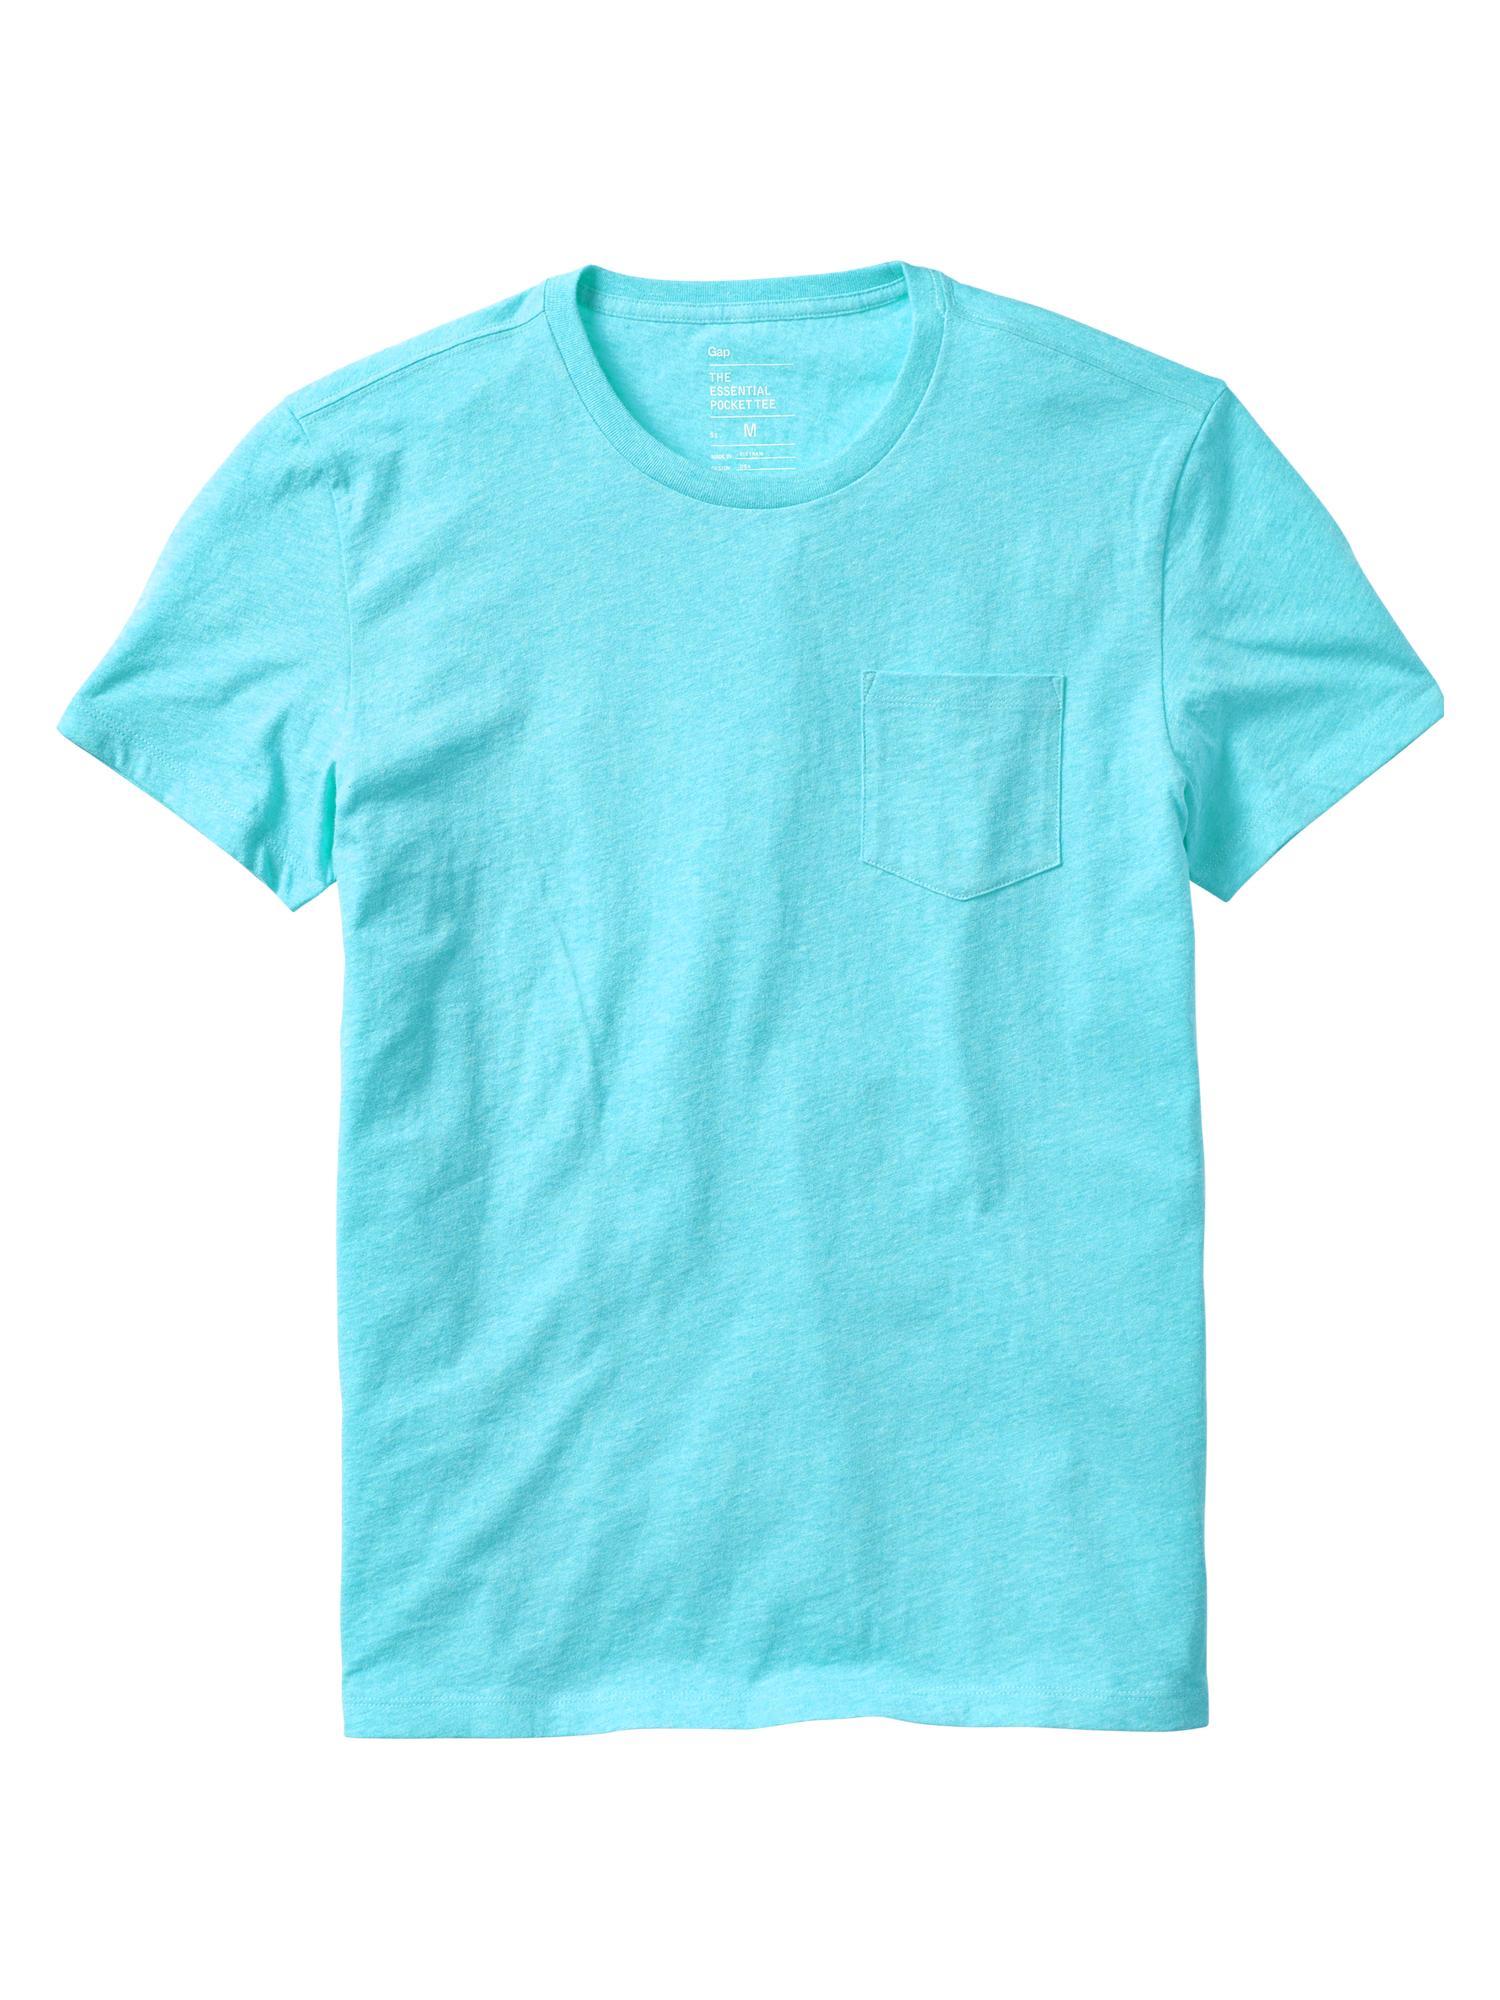 Gap essential pocket t shirt in blue for men aqua heather for Aqua blue mens dress shirt